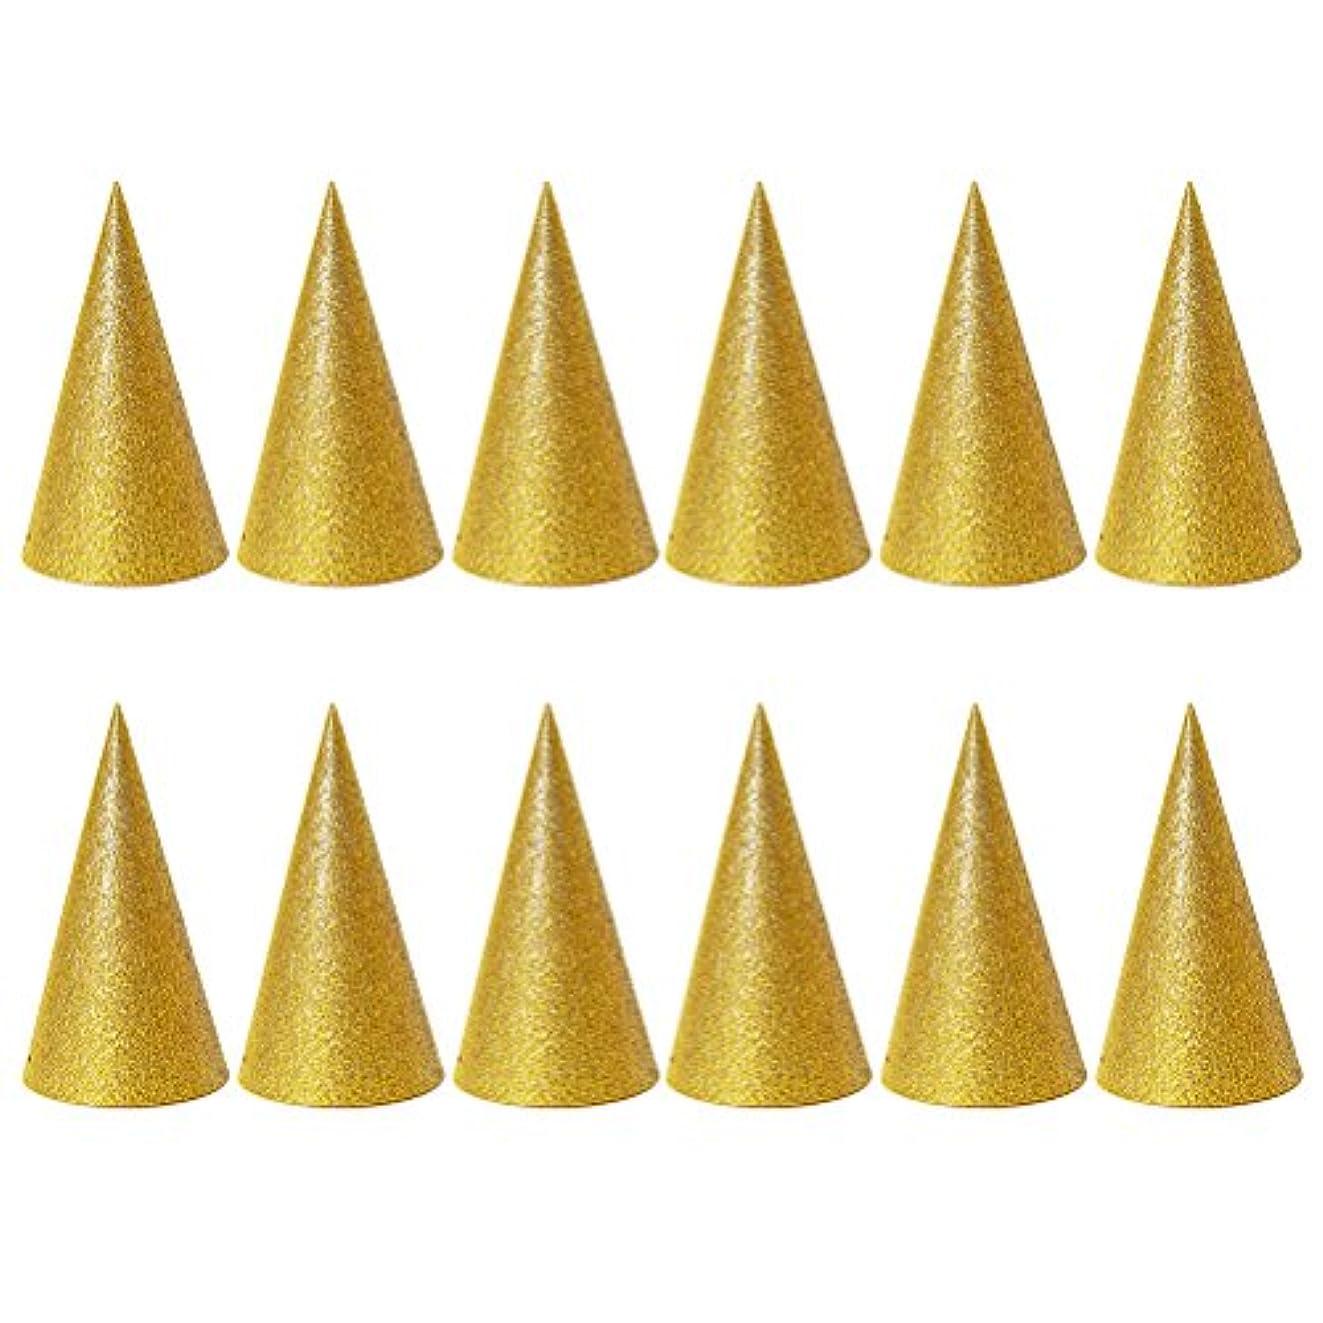 吸収するフレキシブルいまSUPVOX 子供と大人のパーティーのための12個のキラキラコーンパーティー帽子トライアングルバースデー帽子は装飾を飾ります(ゴールデン)